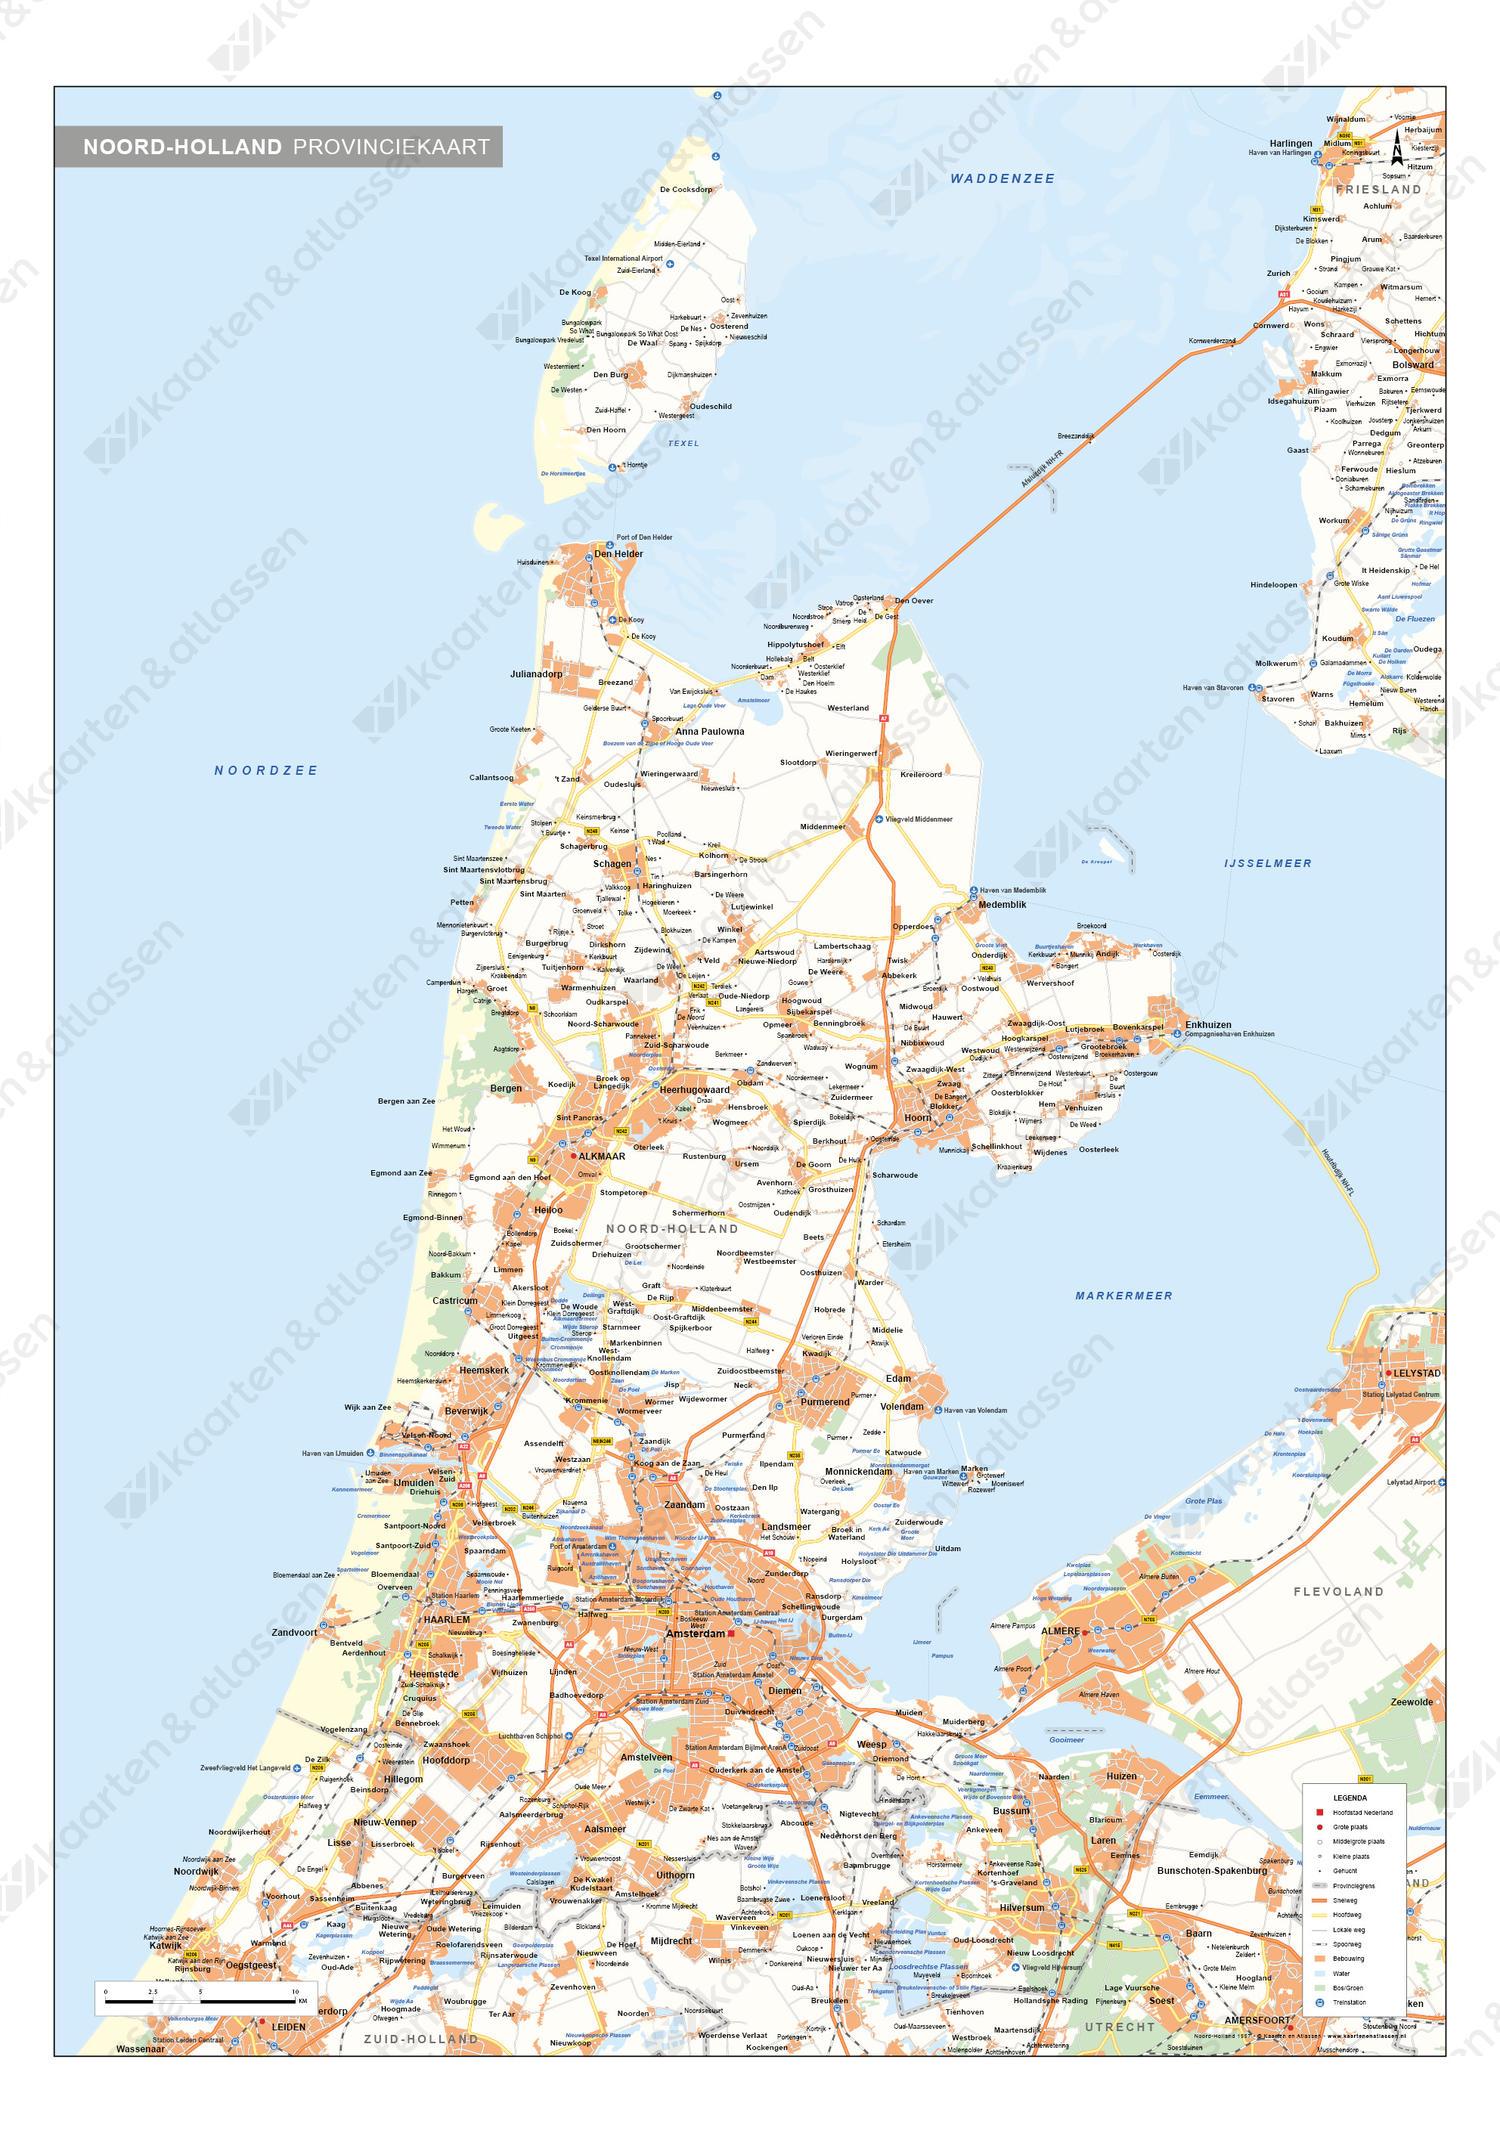 Noord-Holland Provinciekaart Staatkundig